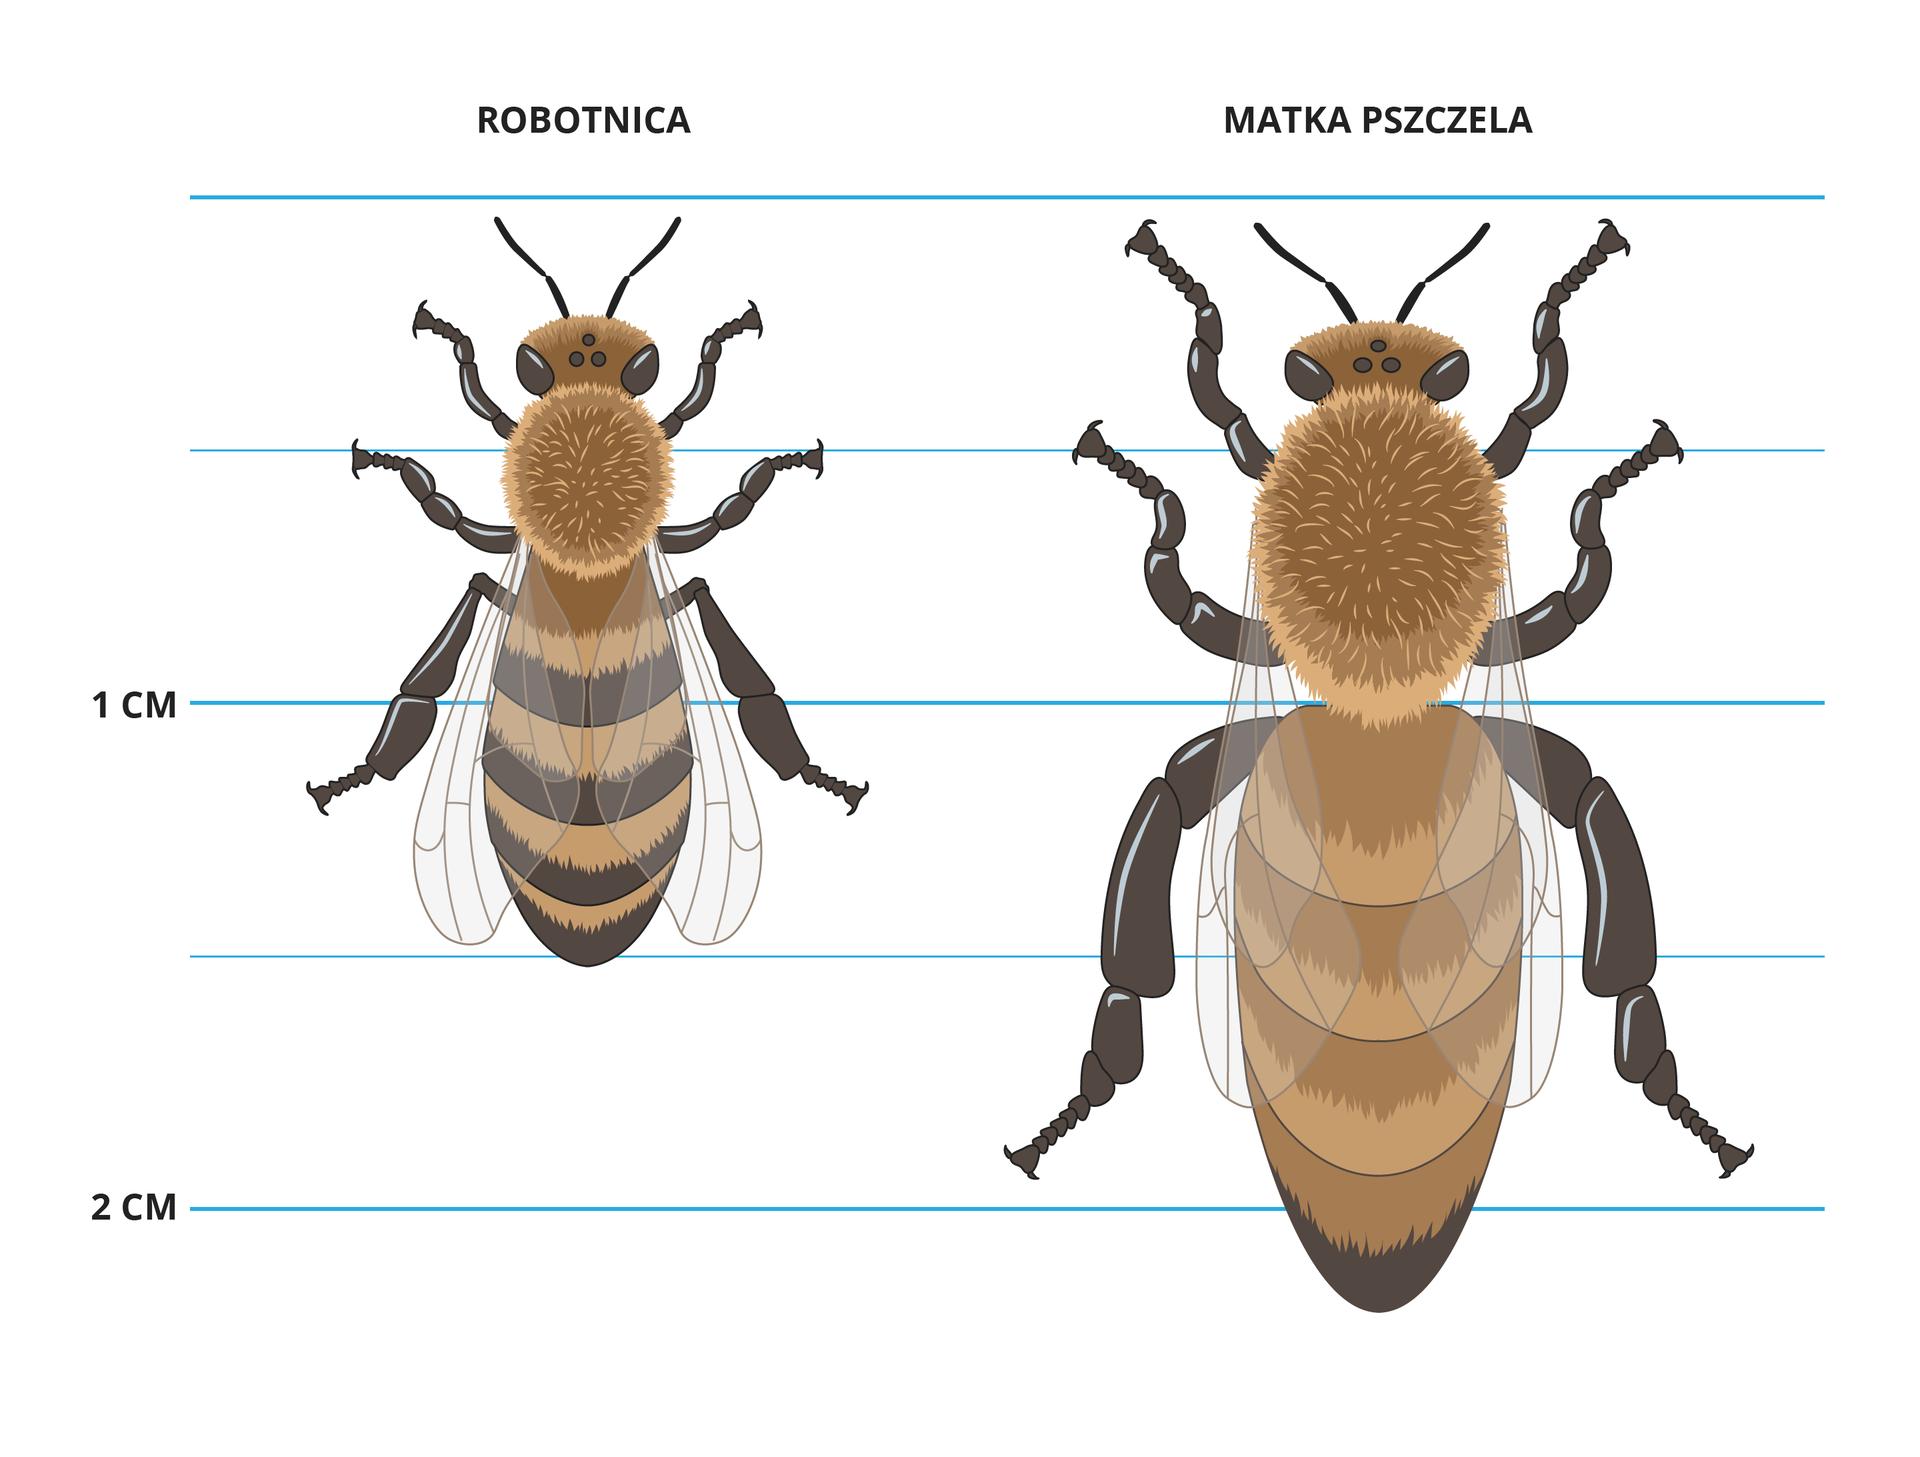 Ilustracja przedstawia pszczołę robotnicę imatkę pszczelą. Matka ma przeszło 2 cm długości, robotnica 1,5 cm.